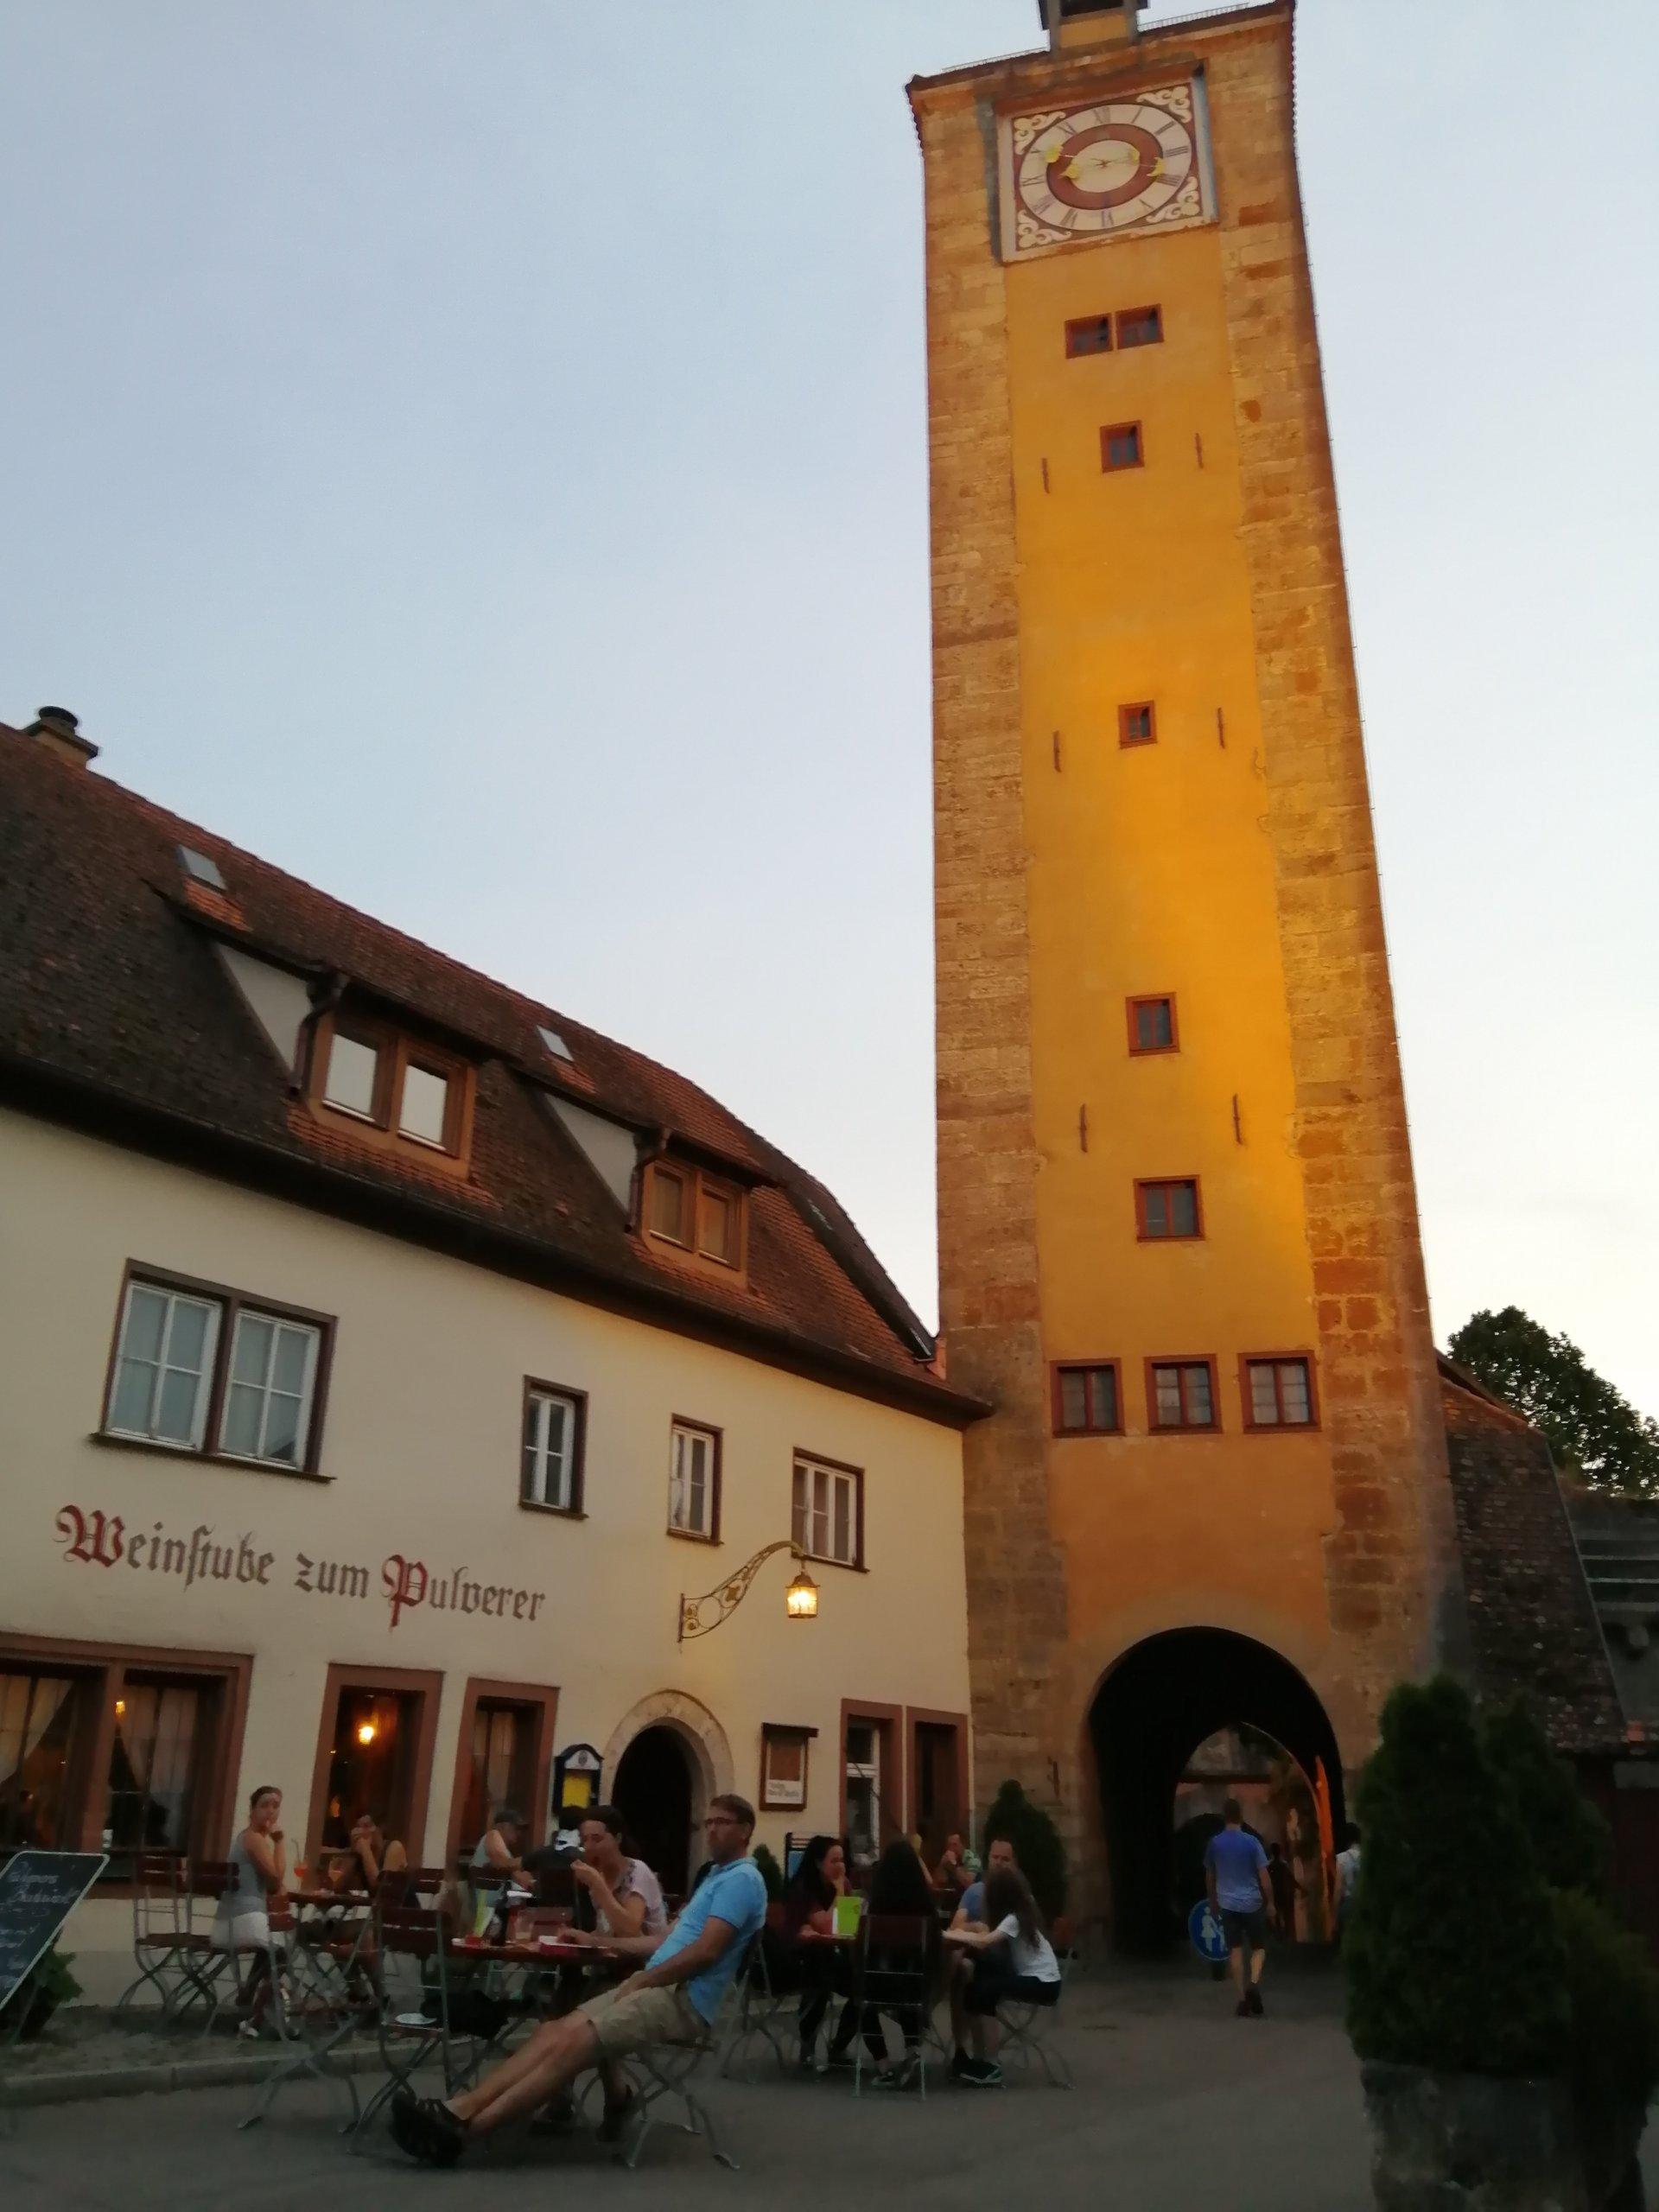 Draussen Geniessen Aussengastronomie In Rothenburg Ob Der Tauber